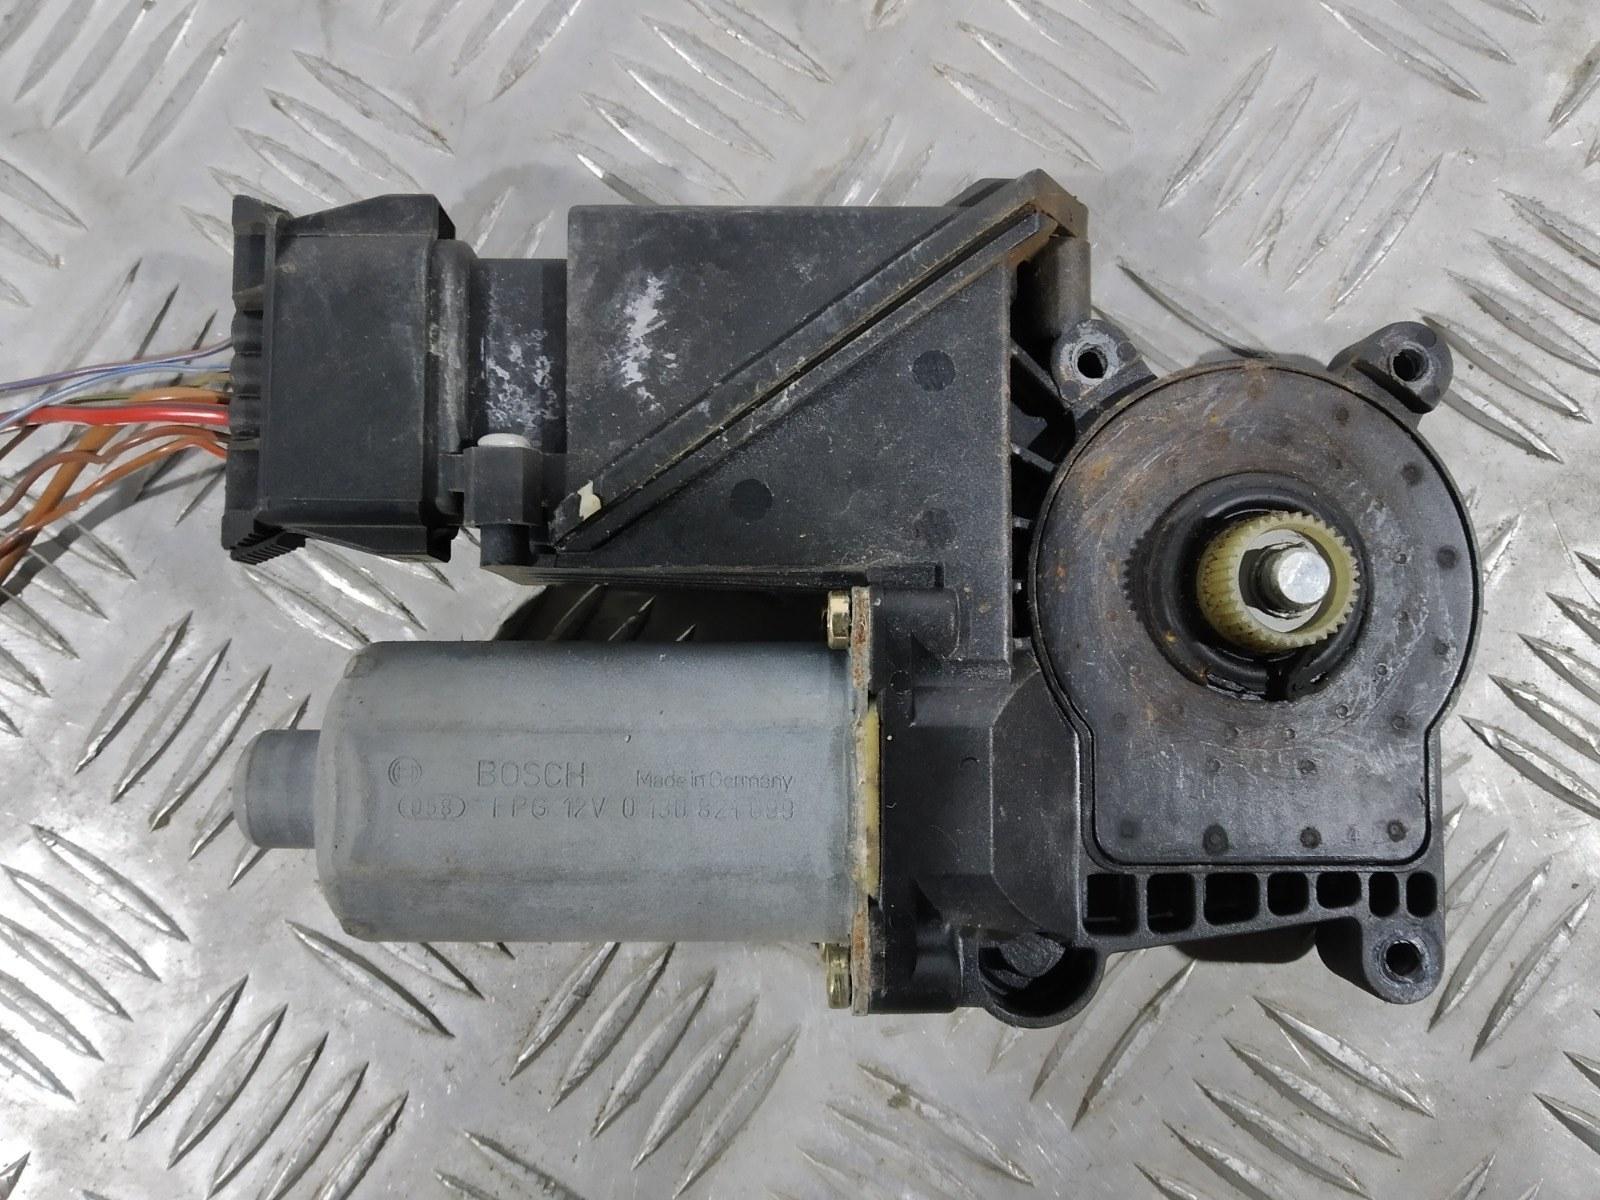 Моторчик стеклоподъемника задний левый Mercedes C W202 2.0 I 2000 (б/у)